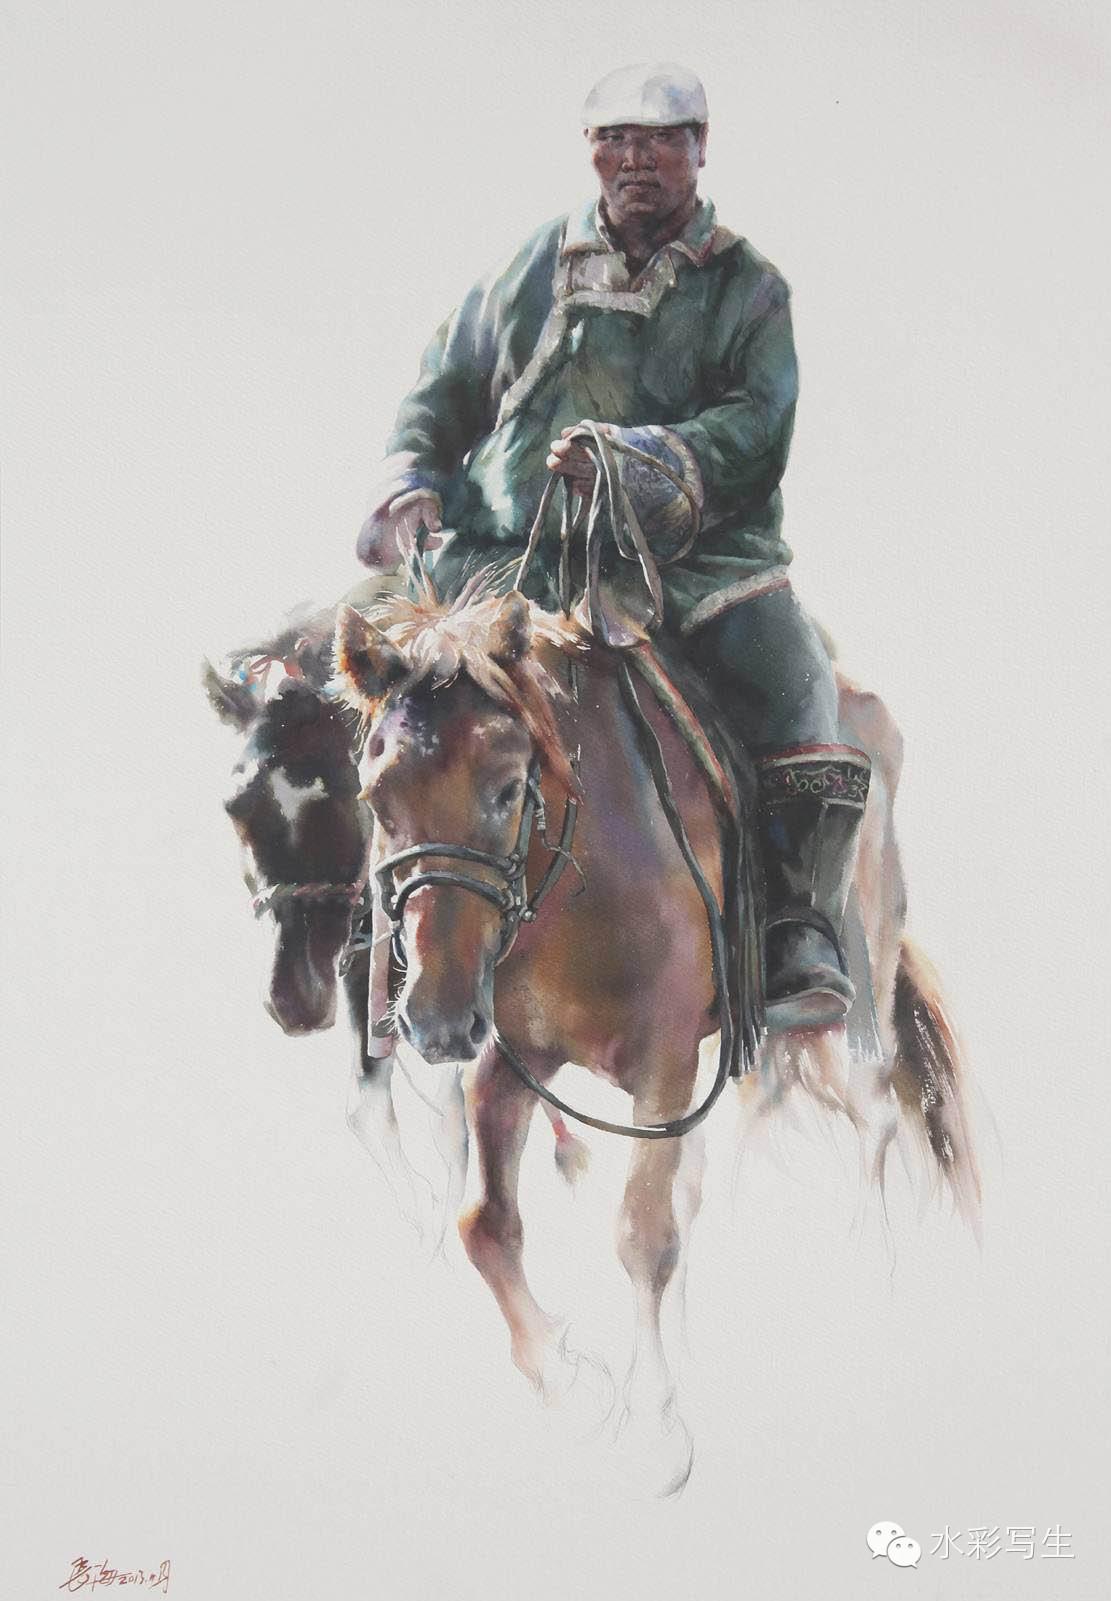 【蒙古人】草原骏马——长海水彩作品欣赏 第6张